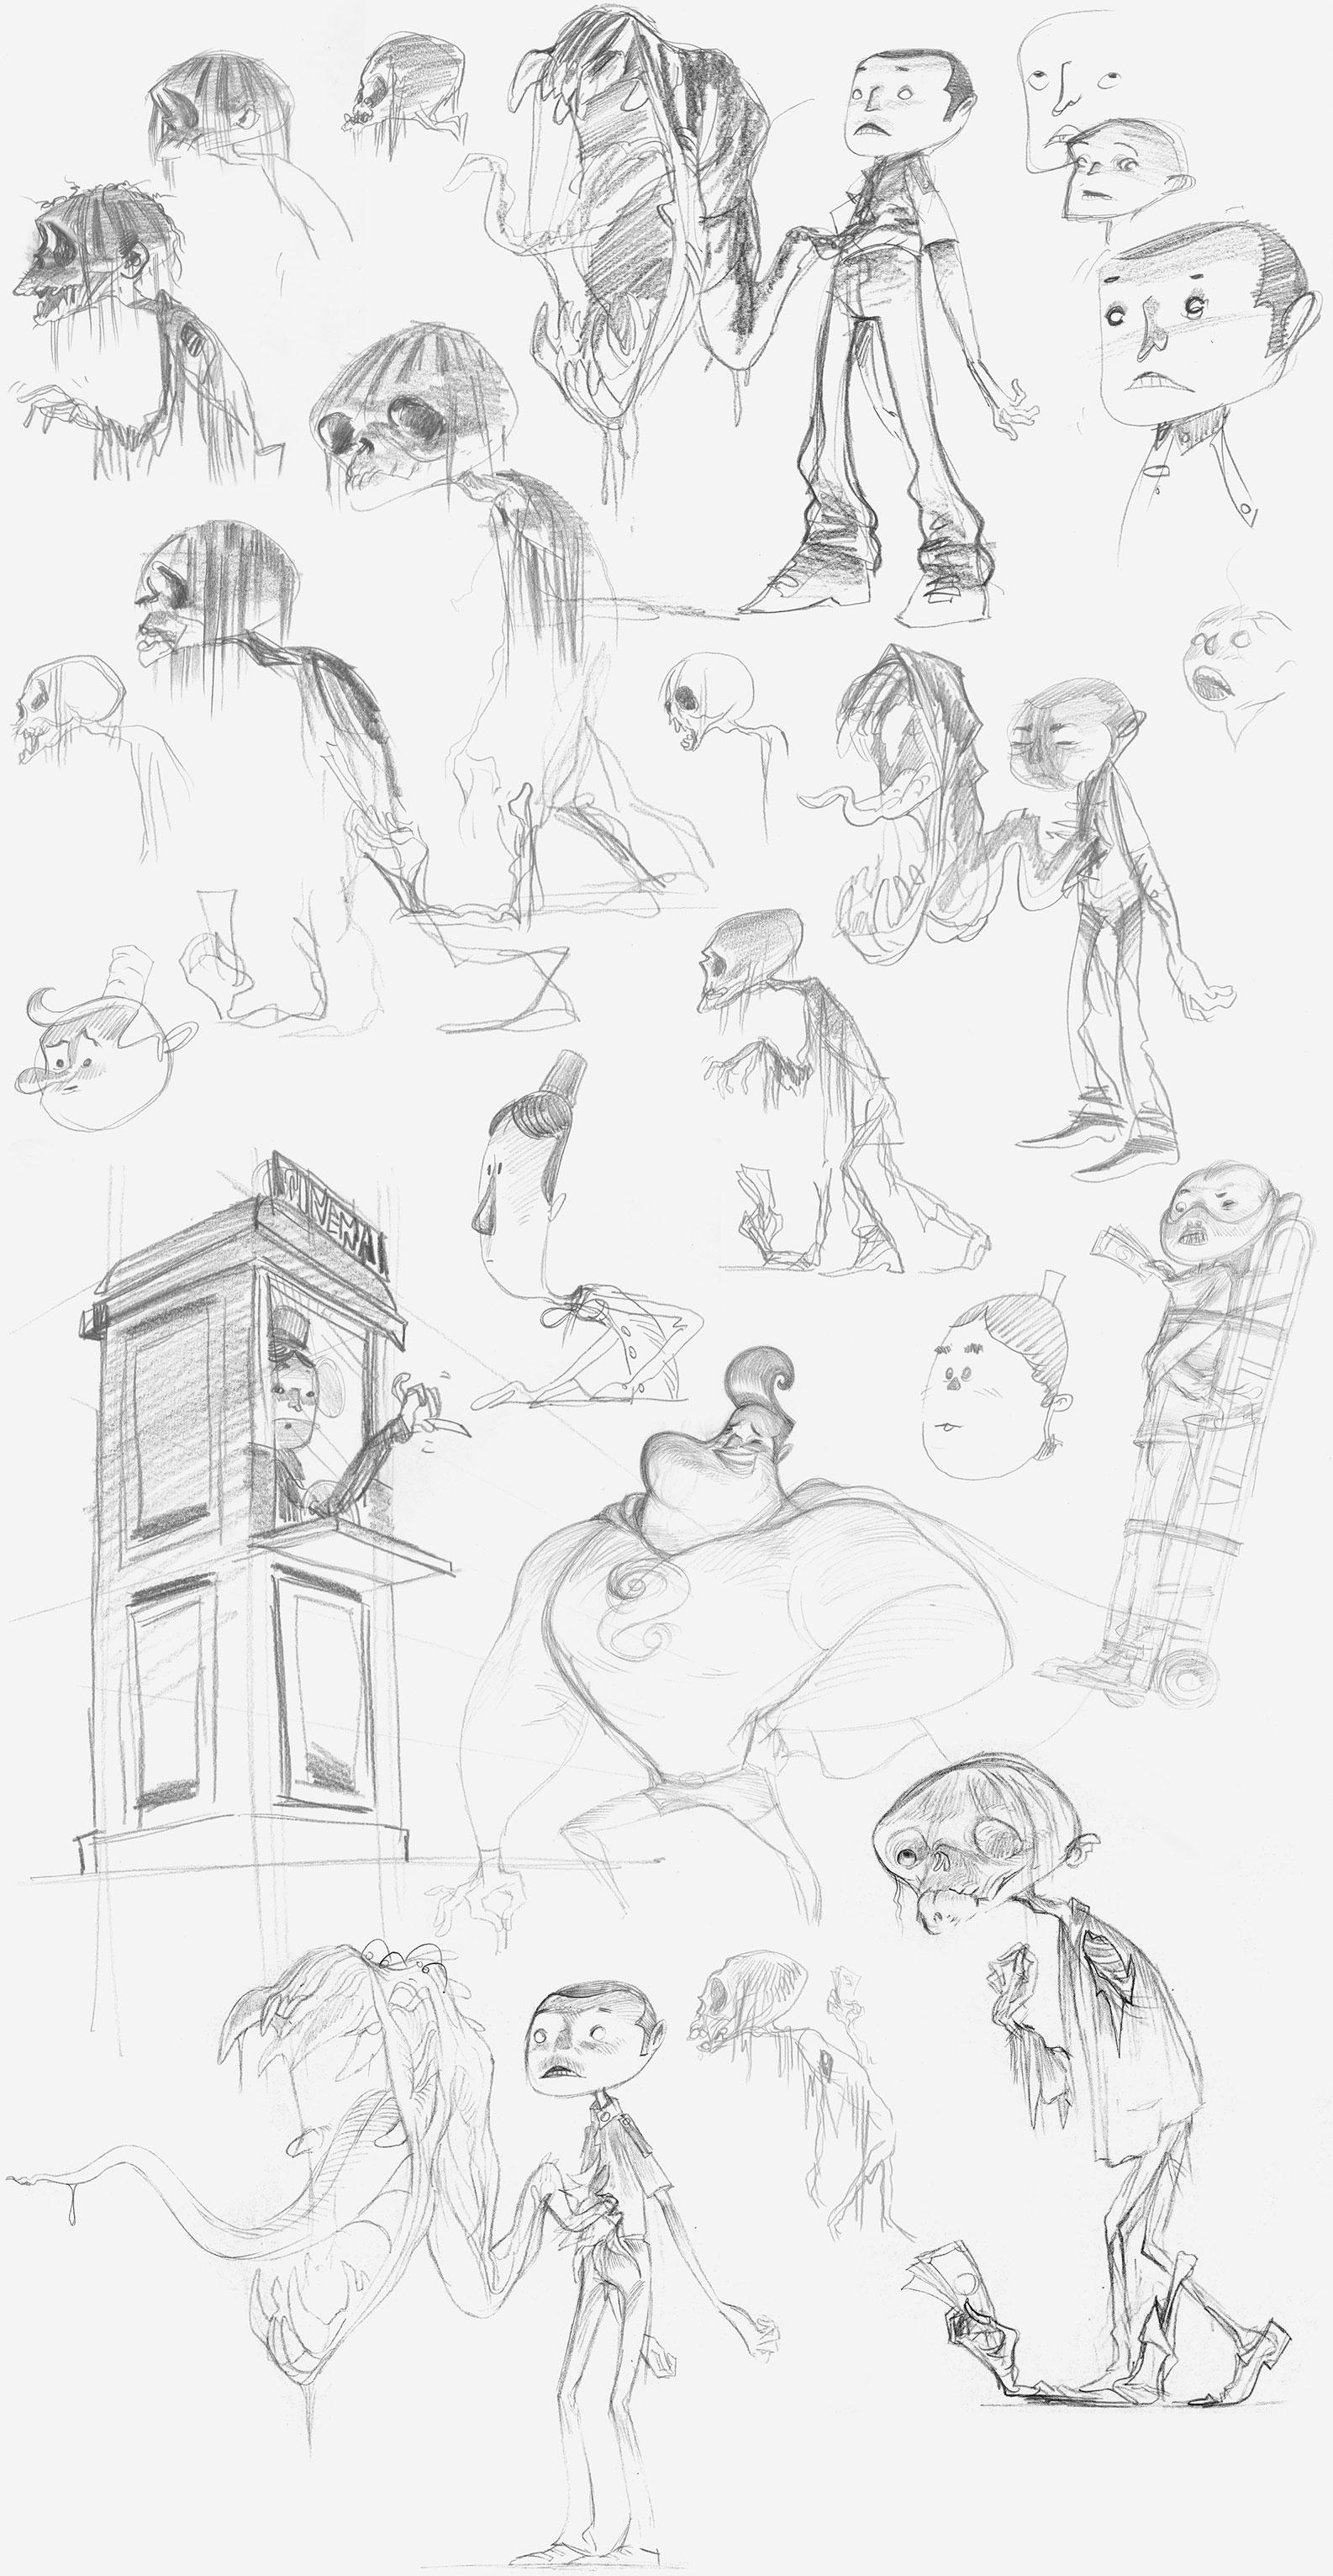 macacolandia-sketches-cinema-judaico